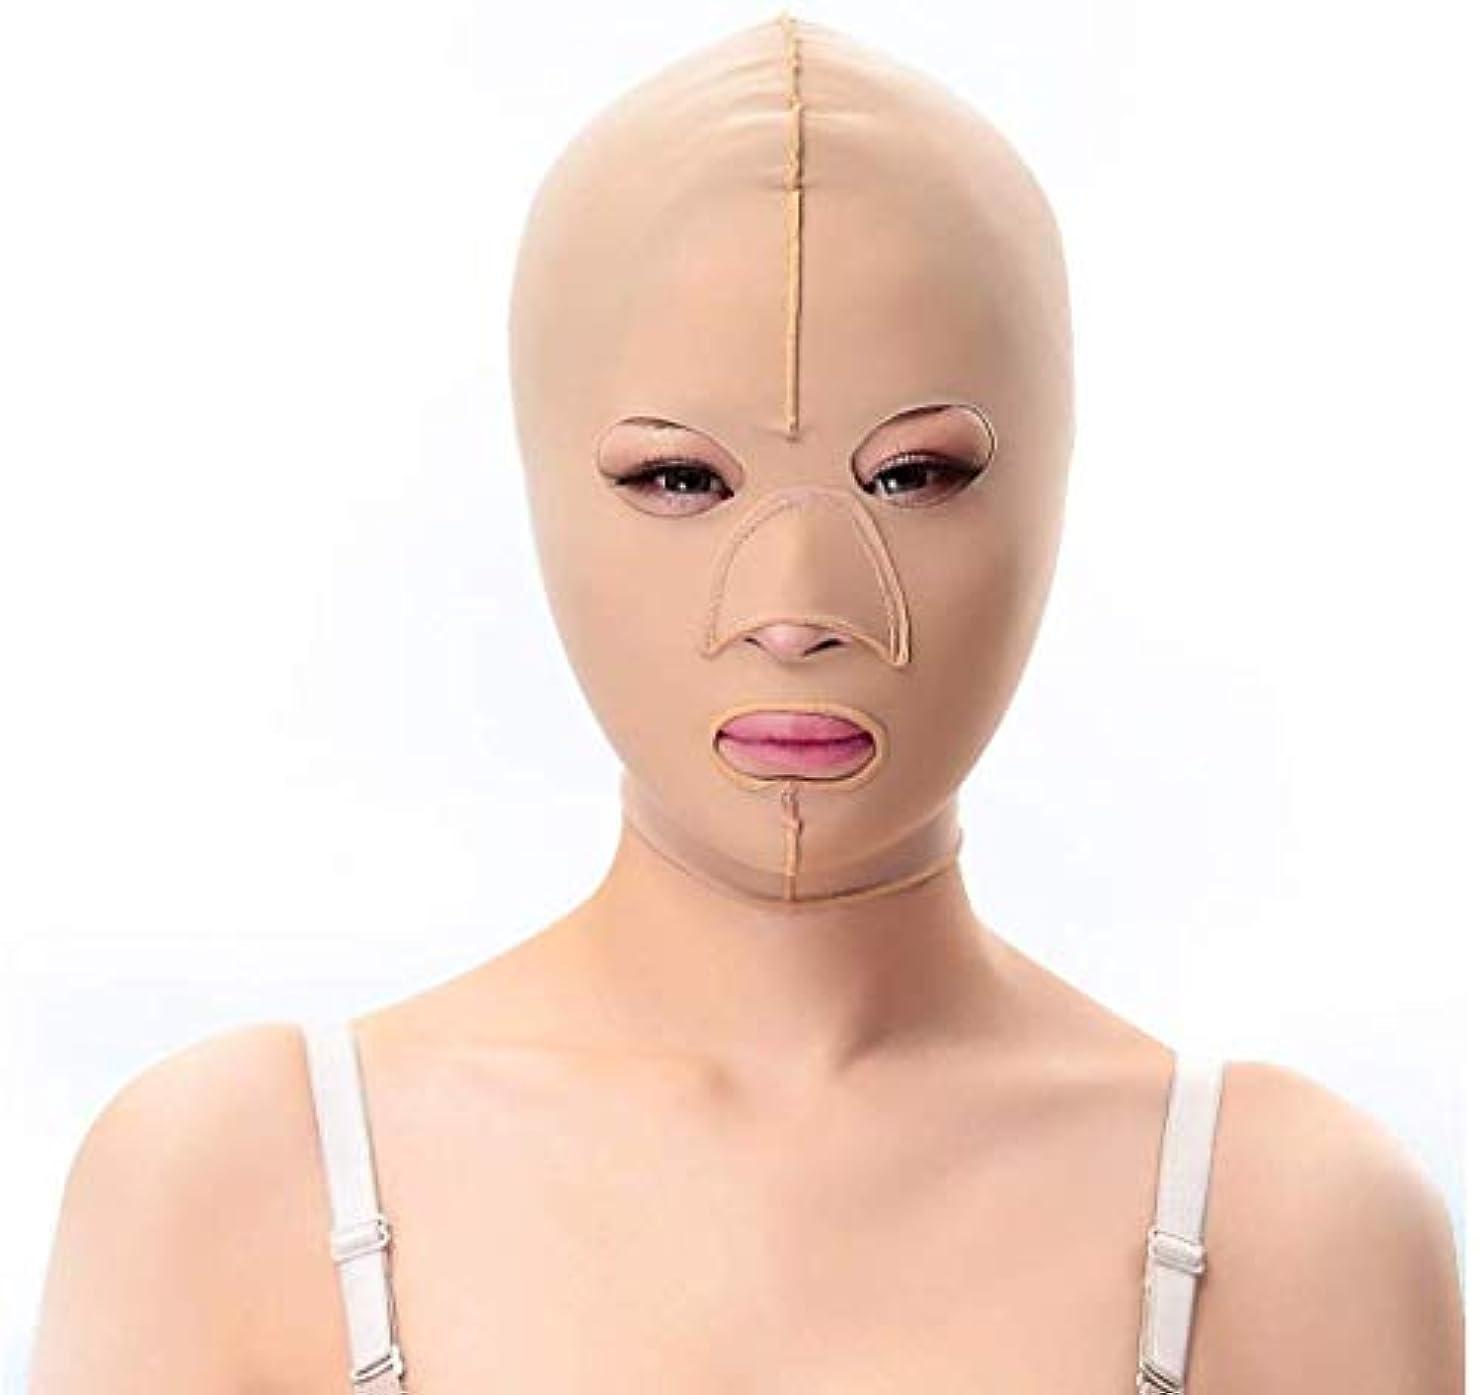 聖なる健全海軍美と実用的なSlim身ベルト、フェイシャルマスク薄い顔マスクを布パターンを持ち上げるダブルあご引き締め顔プラスチック顔アーティファクト強力な顔包帯(サイズ:XXL)